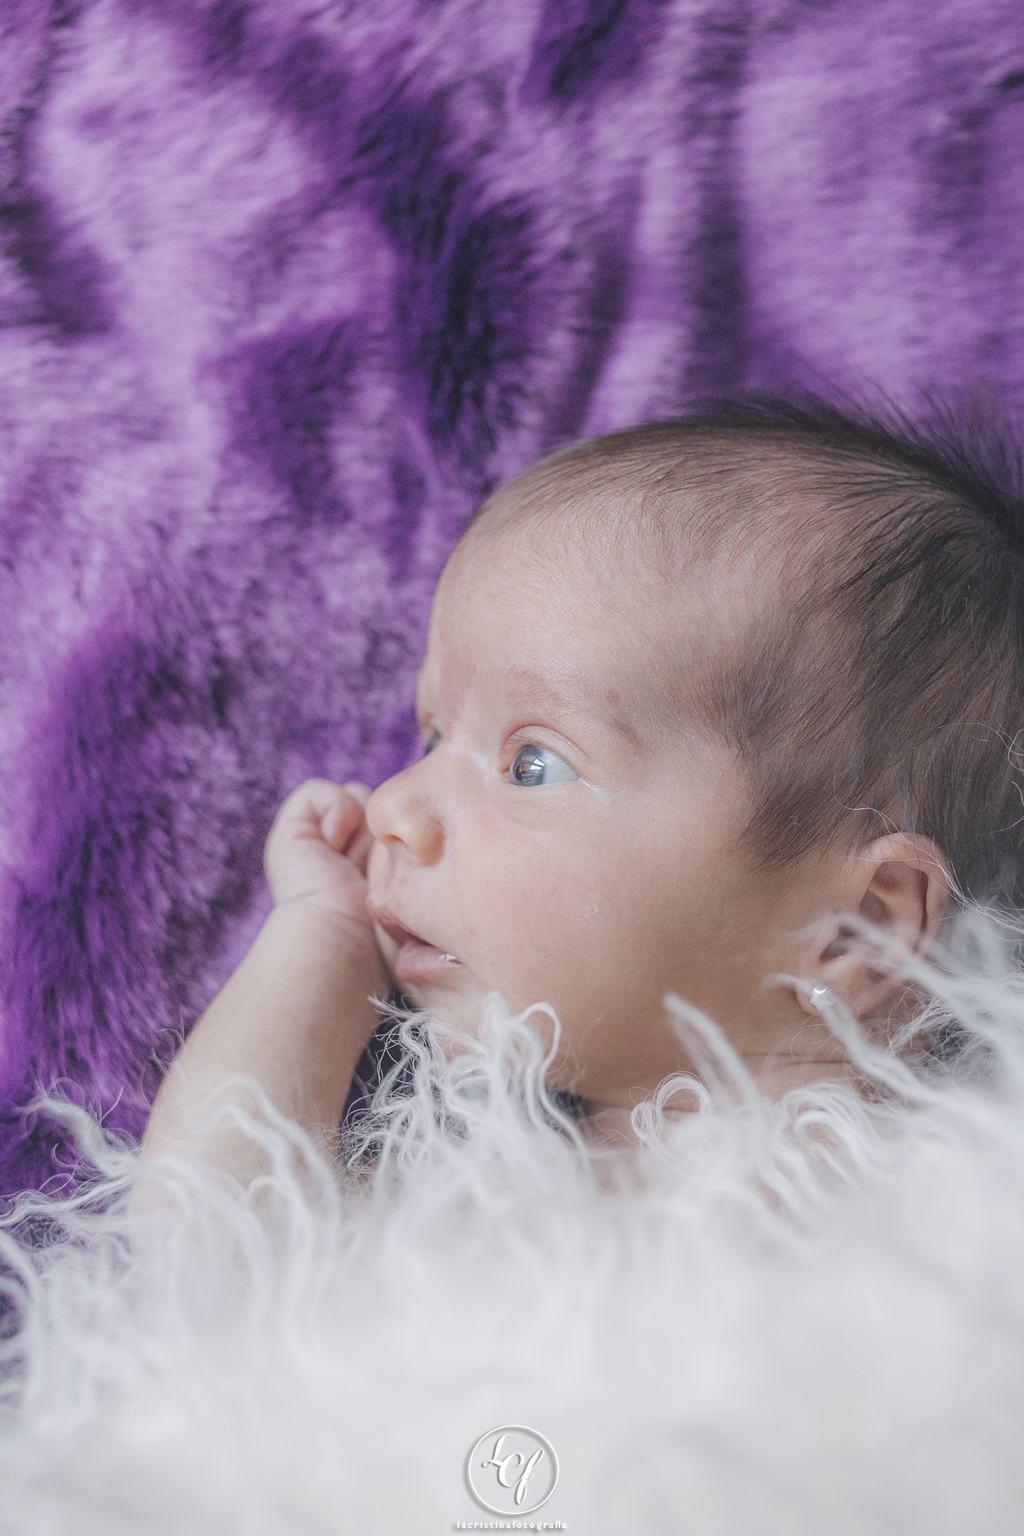 fotografía de bebé :: fotógrafo de bebé :: fotografía recién nacido :: fotográfo de recien nacido :: fotógrafo Barcelona :: fotógrafa Barcelona